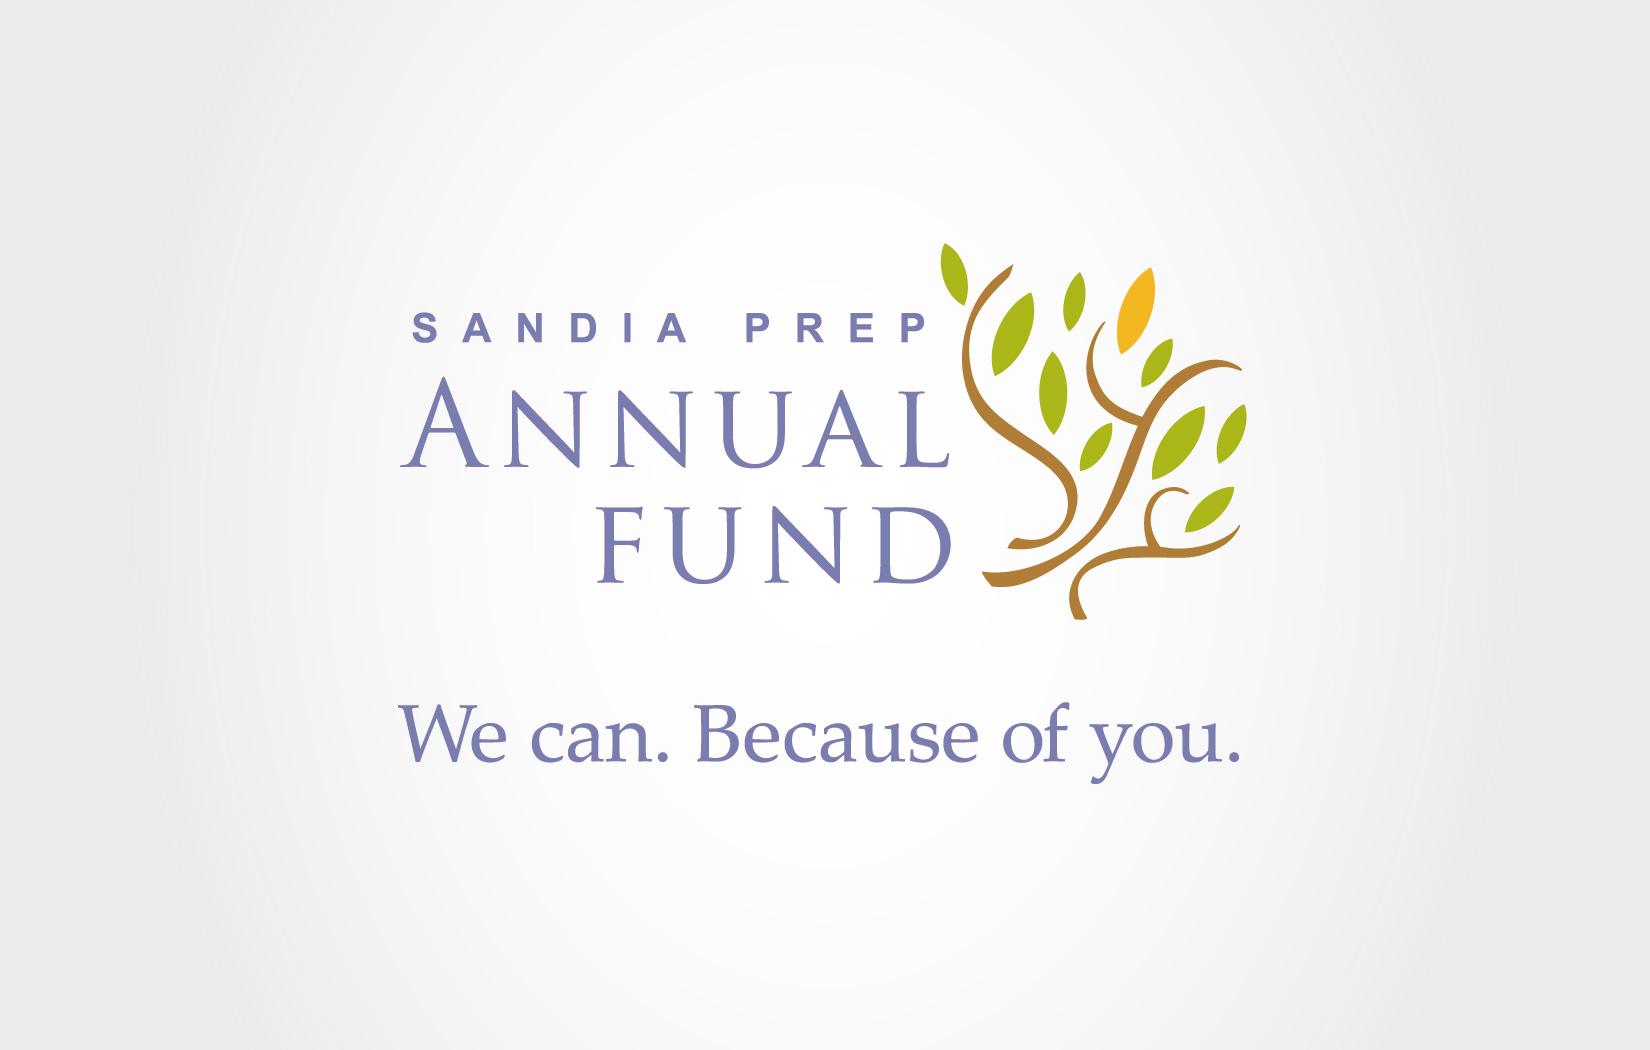 Sandia Prep Annual Fund